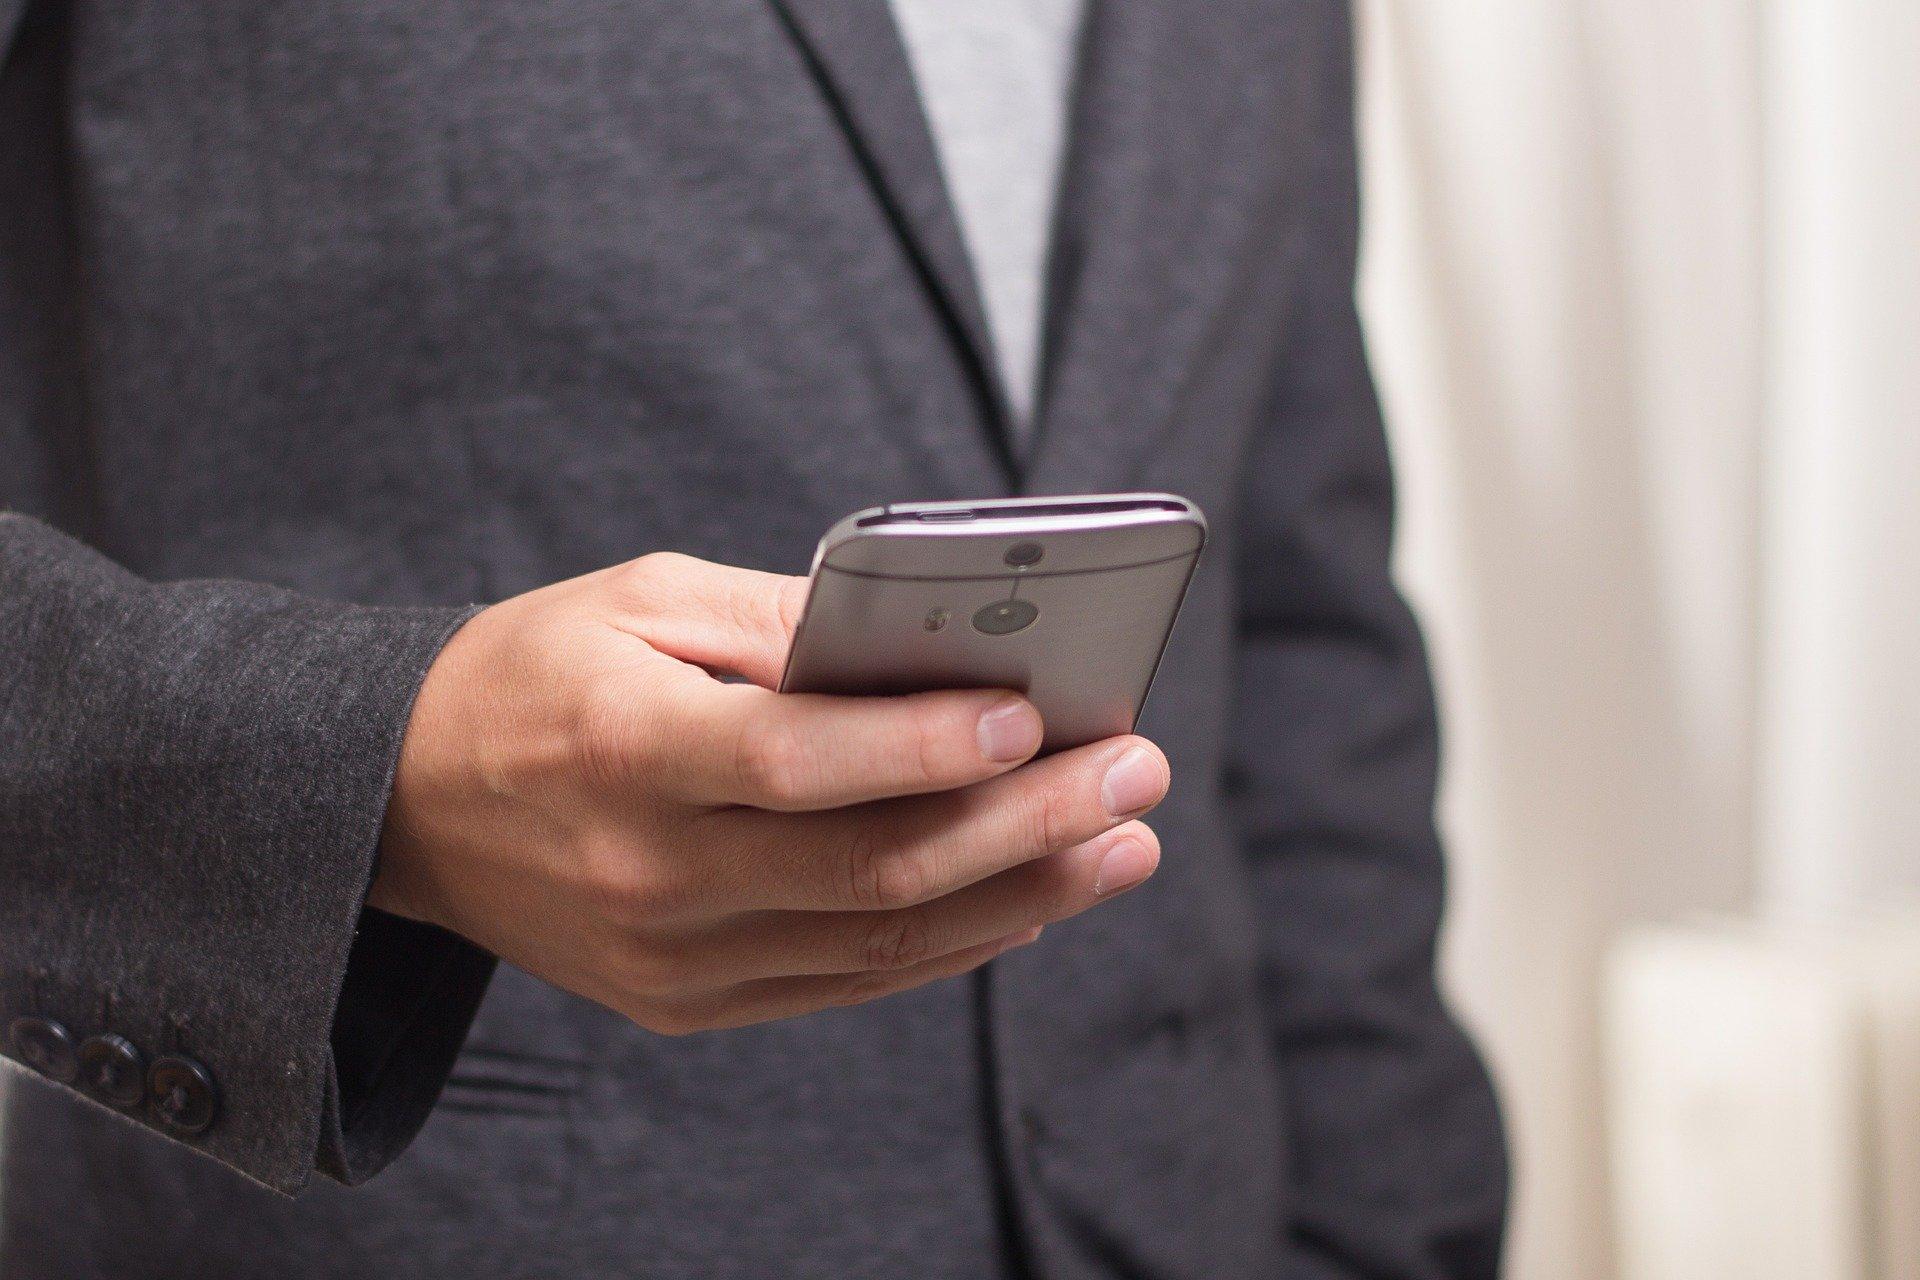 Paiements mobiles : smartphone au lieu de portefeuille  On arrive à peine à imaginer une époque où on payait en espèces et il fallait se connecter sur un ordinateur afin de réaliser la moindre transaction. Même pour des services qui étaient accessibles sur mobile, les paiements ne pouvaient se faire qu'à partir de l'ordinateur. Cette époque si lointaine à laquelle on fait référence ne remonte pourtant qu'à la décennie précédente. Depuis, de nombreuses entreprises se sont donné pour mission de développer des outils et plateformes spécialisées afin de rendre les paiements plus simples et sécurisés sur téléphone portable.   Paiements mobiles : avantages et inconvénients Si les paiements mobiles n'ont pas toujours eu la côte, c'est parce que pendant longtemps ils étaient vulnérables. Avant l'avènement du cloud et des technologies qui y ont élu résidence, réaliser des transactions depuis son mobile revenait à stocker les informations de paiements sur son téléphone.  Il suffisait donc d'accéder au mobile pour accéder à tous les avoirs d'un individu. On comprend donc sans peine que personne ne soit favorable à de tels scénarios ; ni les institutions bancaires, ni les opérateurs économiques et encore moins les particuliers.   Pourtant, les avantages des moyens de paiements mobiles étaient trop attrayants pour ignorer cette technologie. En effet, pouvoir accéder à des services n'importe où et pas uniquement chez soi. Pourvoir créer des synergies entre commerces, sites marchands et applications permettrait enfin de changer la donne. En particulier, dans l'industrie des jeux d'argent et des casinos en ligne en particulier.  Comment les entreprises de paiements ont-elles renversé la tendance ? Le gros obstacle au développement de paiements mobiles était la domiciliation des données sensibles. Les différents moyens de paiements présentés ci-dessous procèdent de manière innovante pour résoudre la problématique de la sécurité et de la fiabilité des paiements mobiles.   Square - un